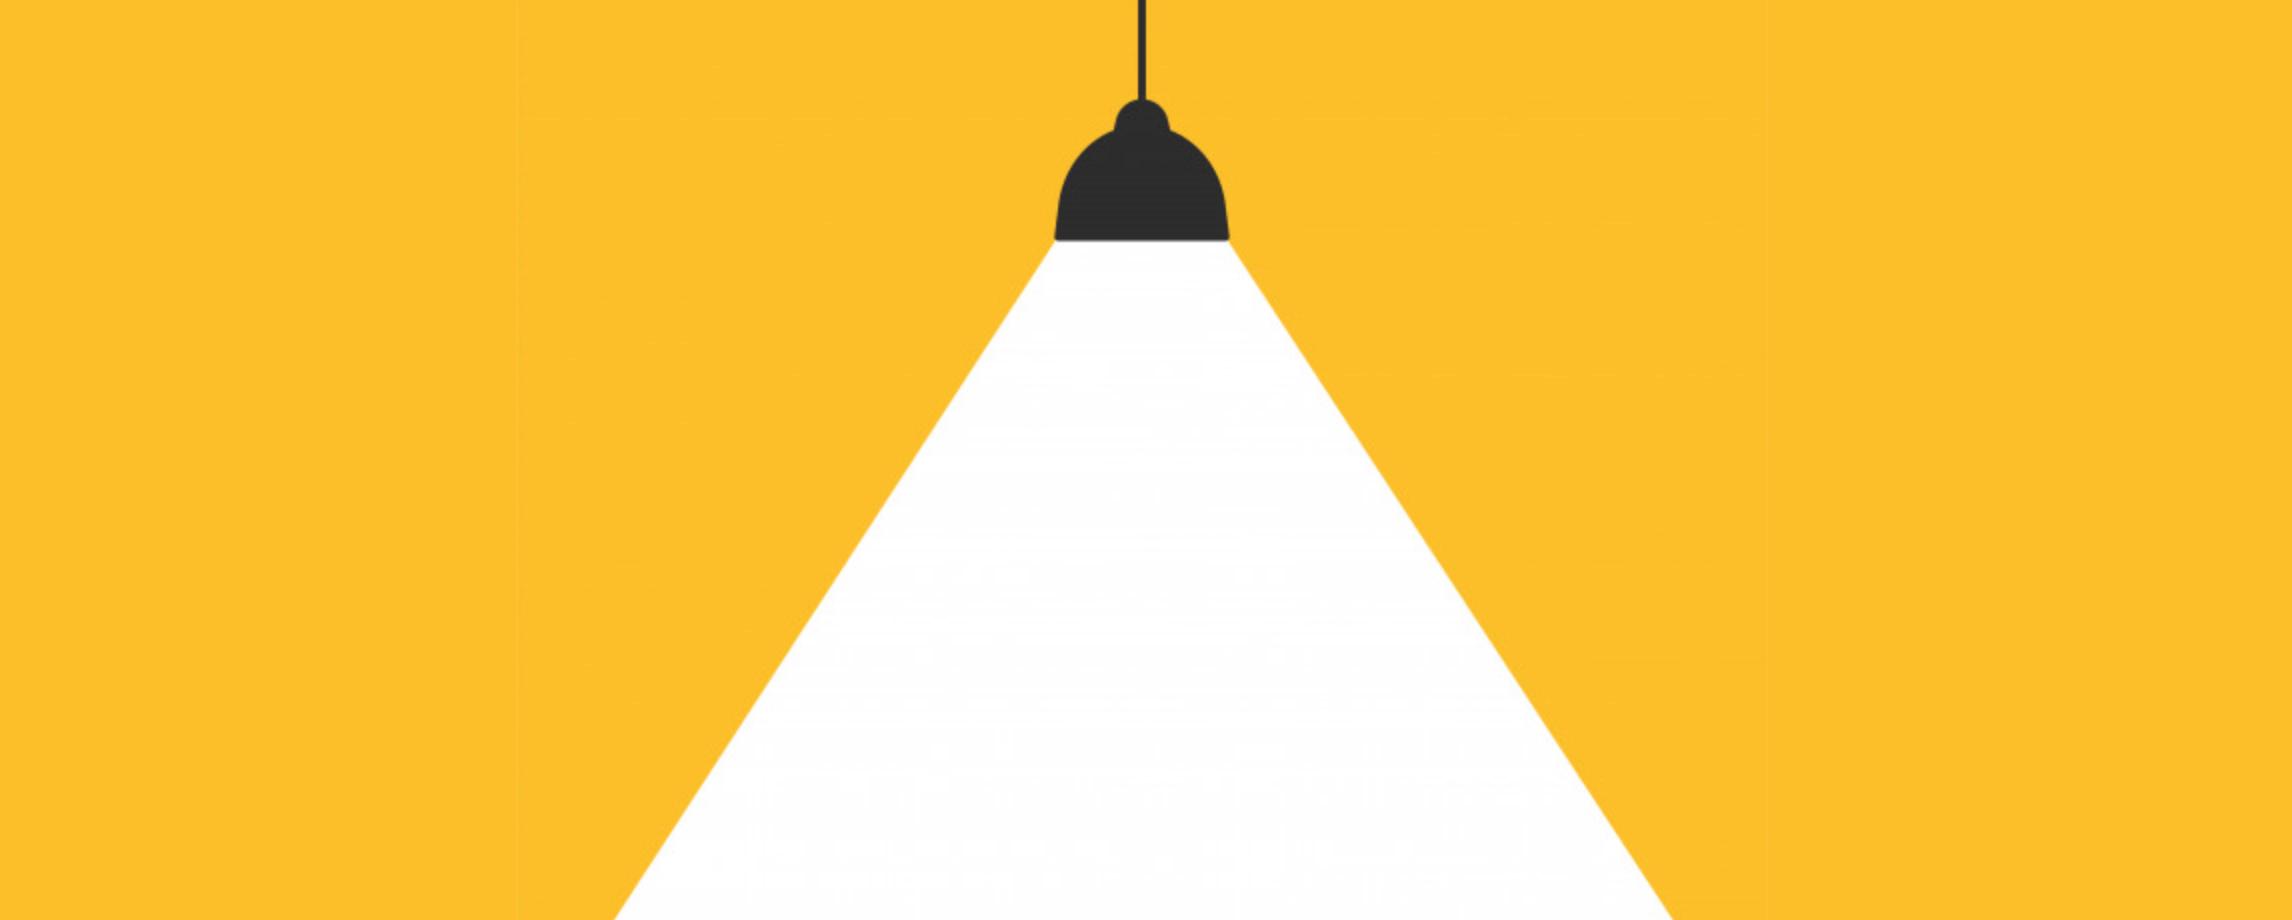 mejores lamparas led de escritorio para diseño gráfico